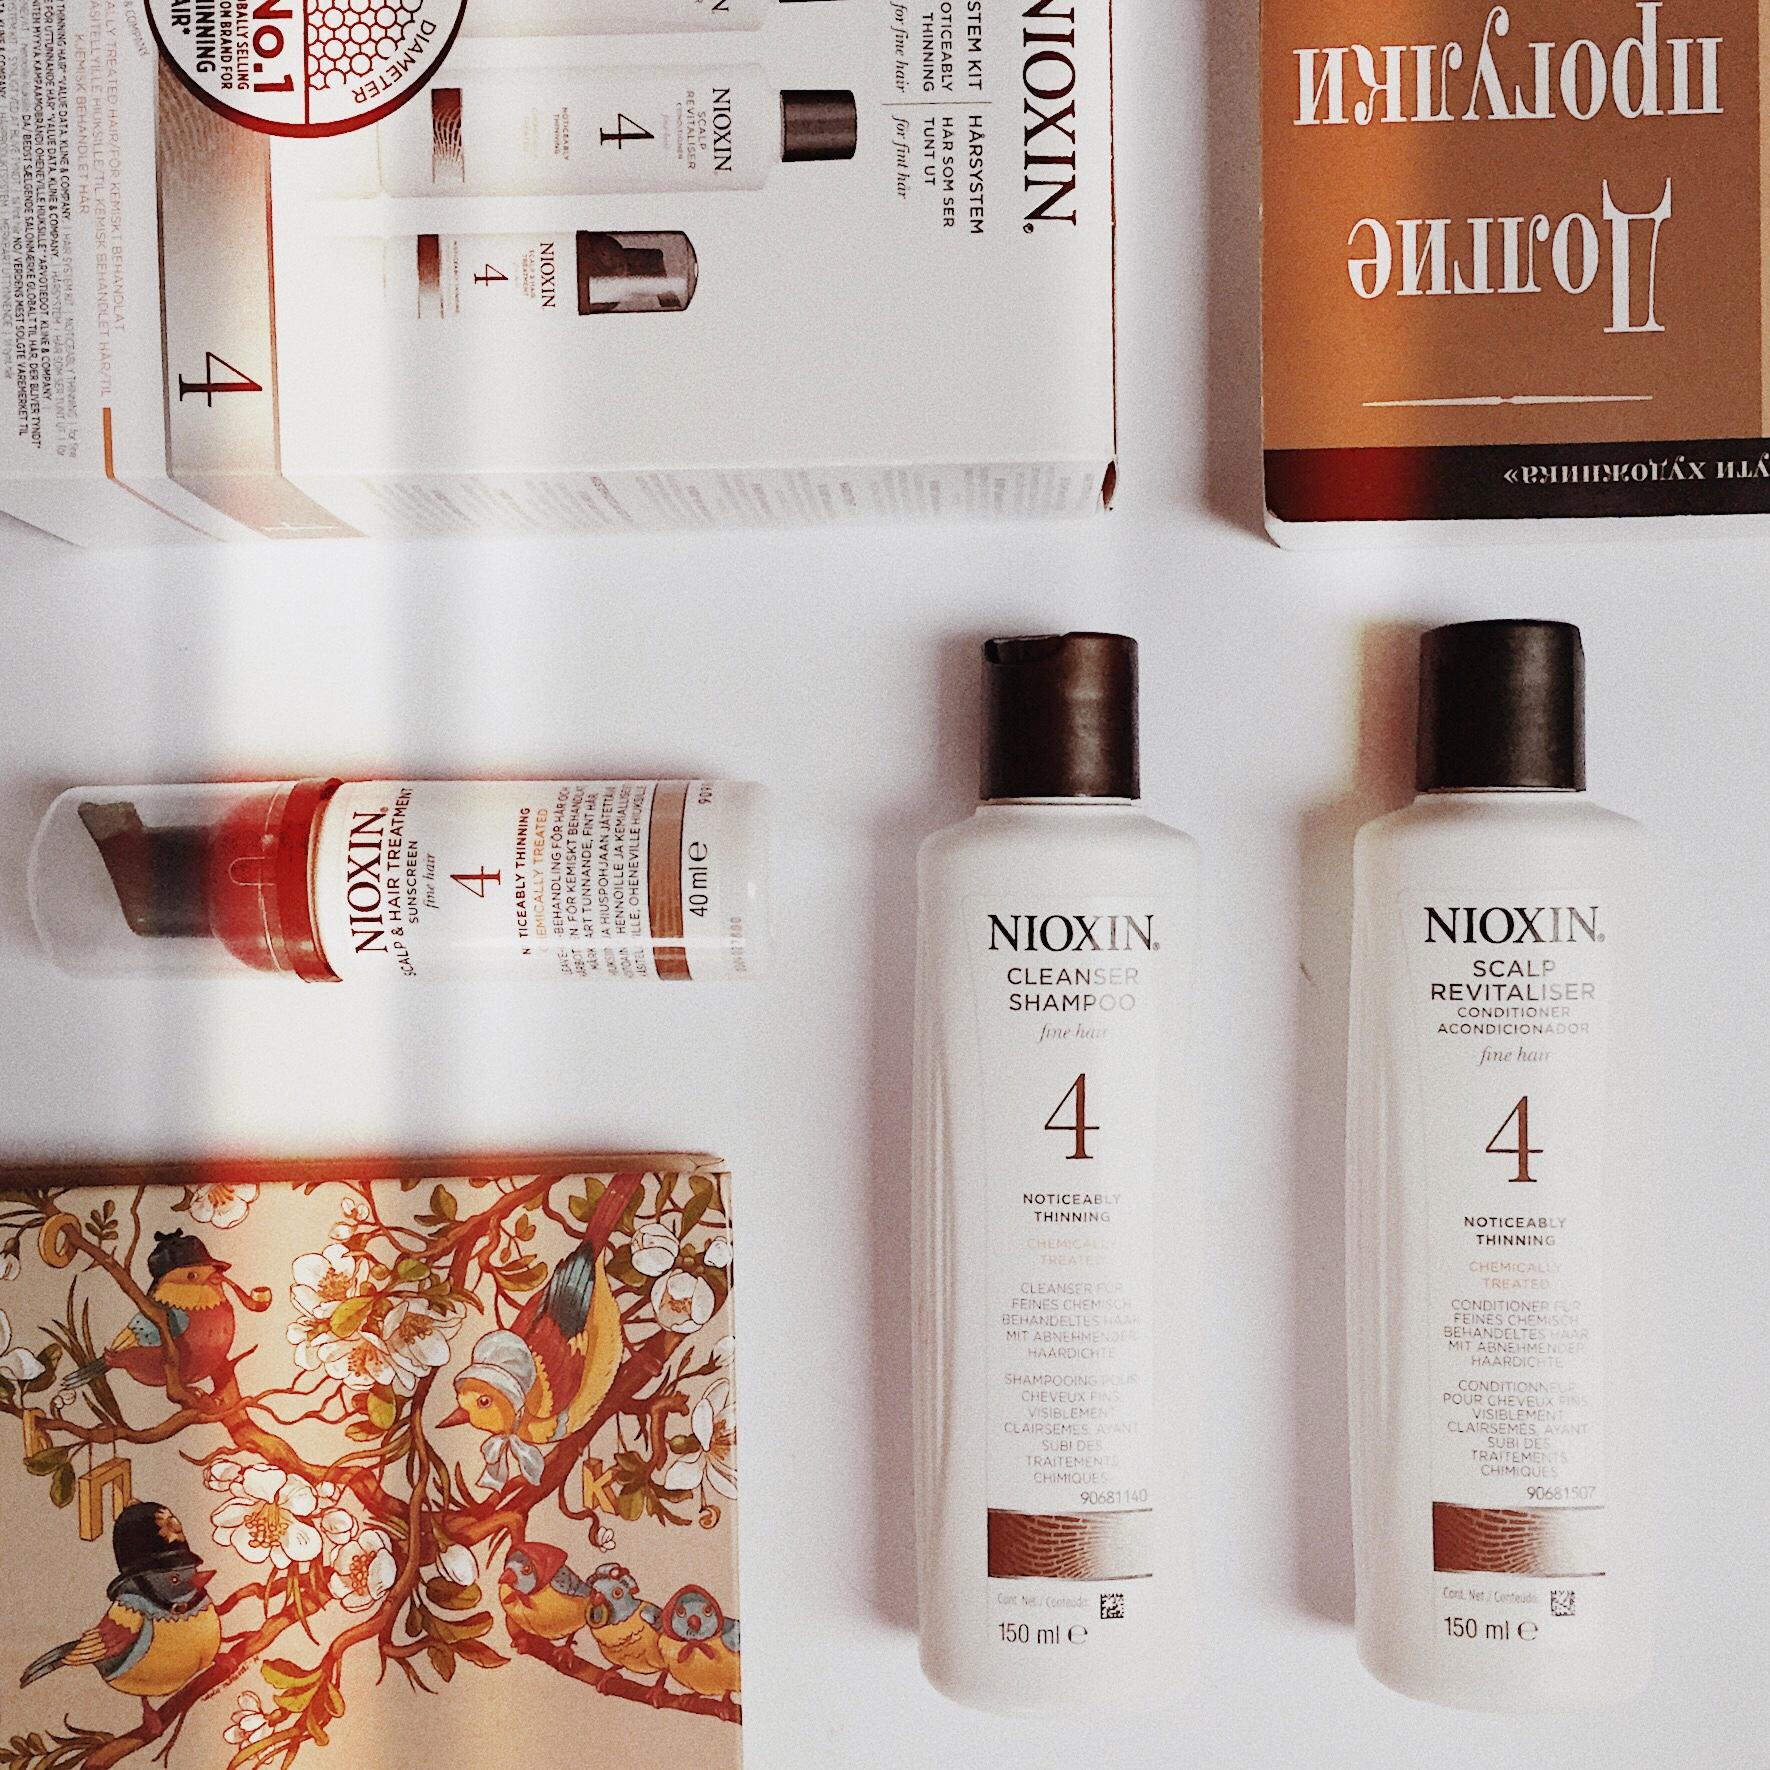 nioxin hair system kit 4 выпадение волос уход за волосами как отрастить волосы в домашних условиях